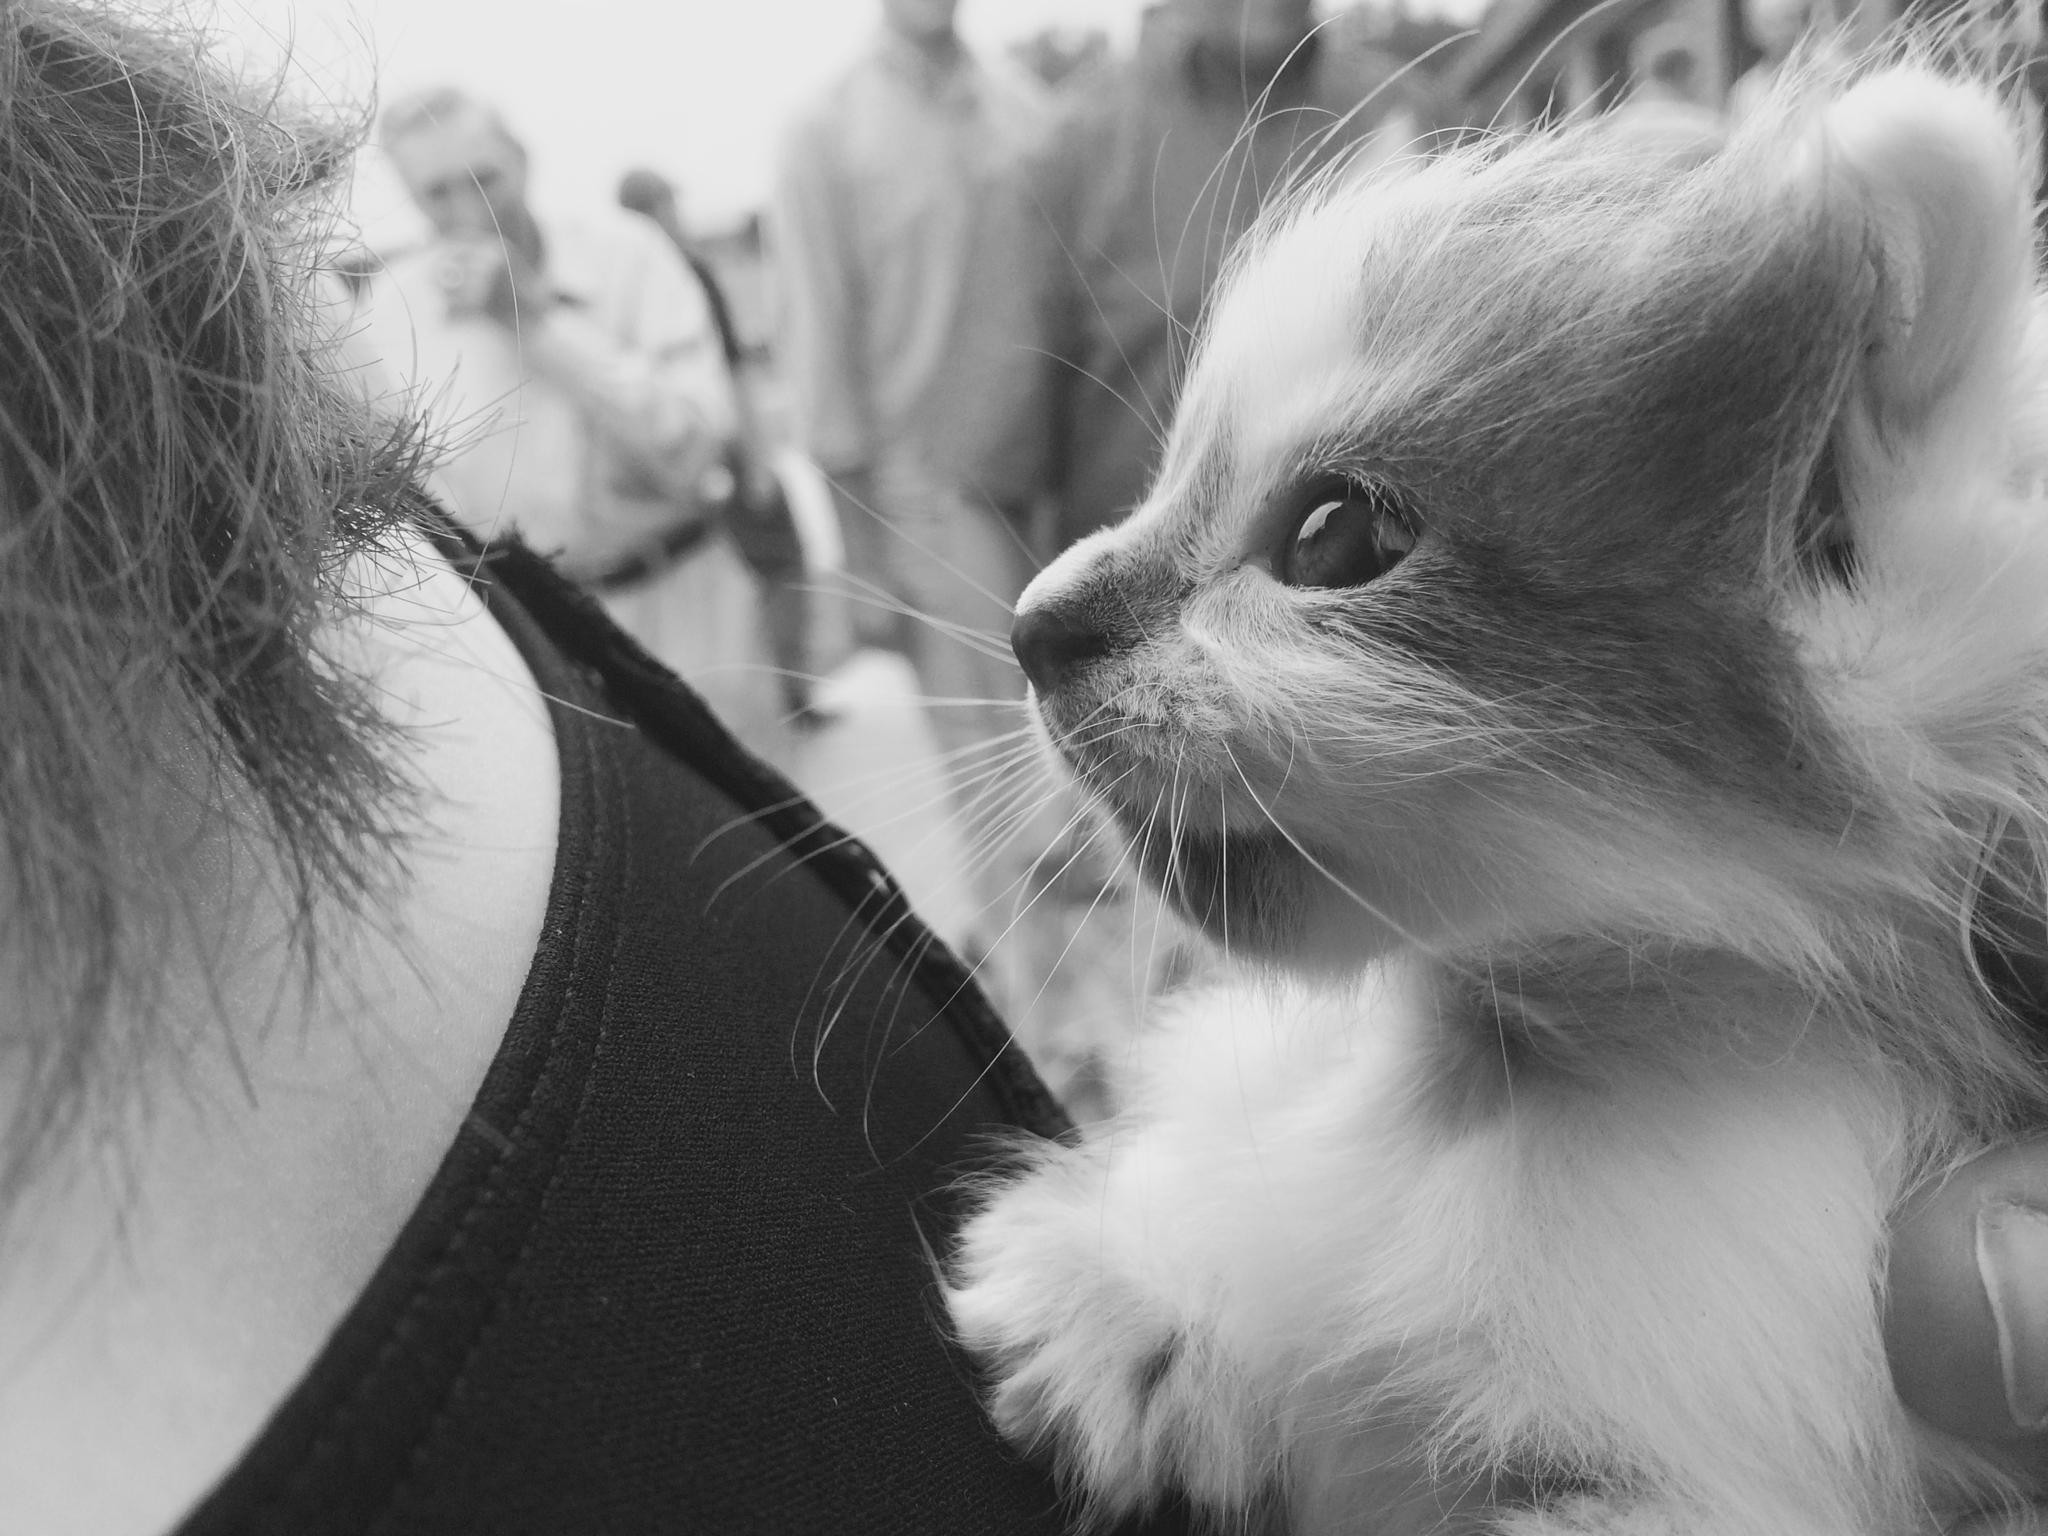 Kitten by Sophie S